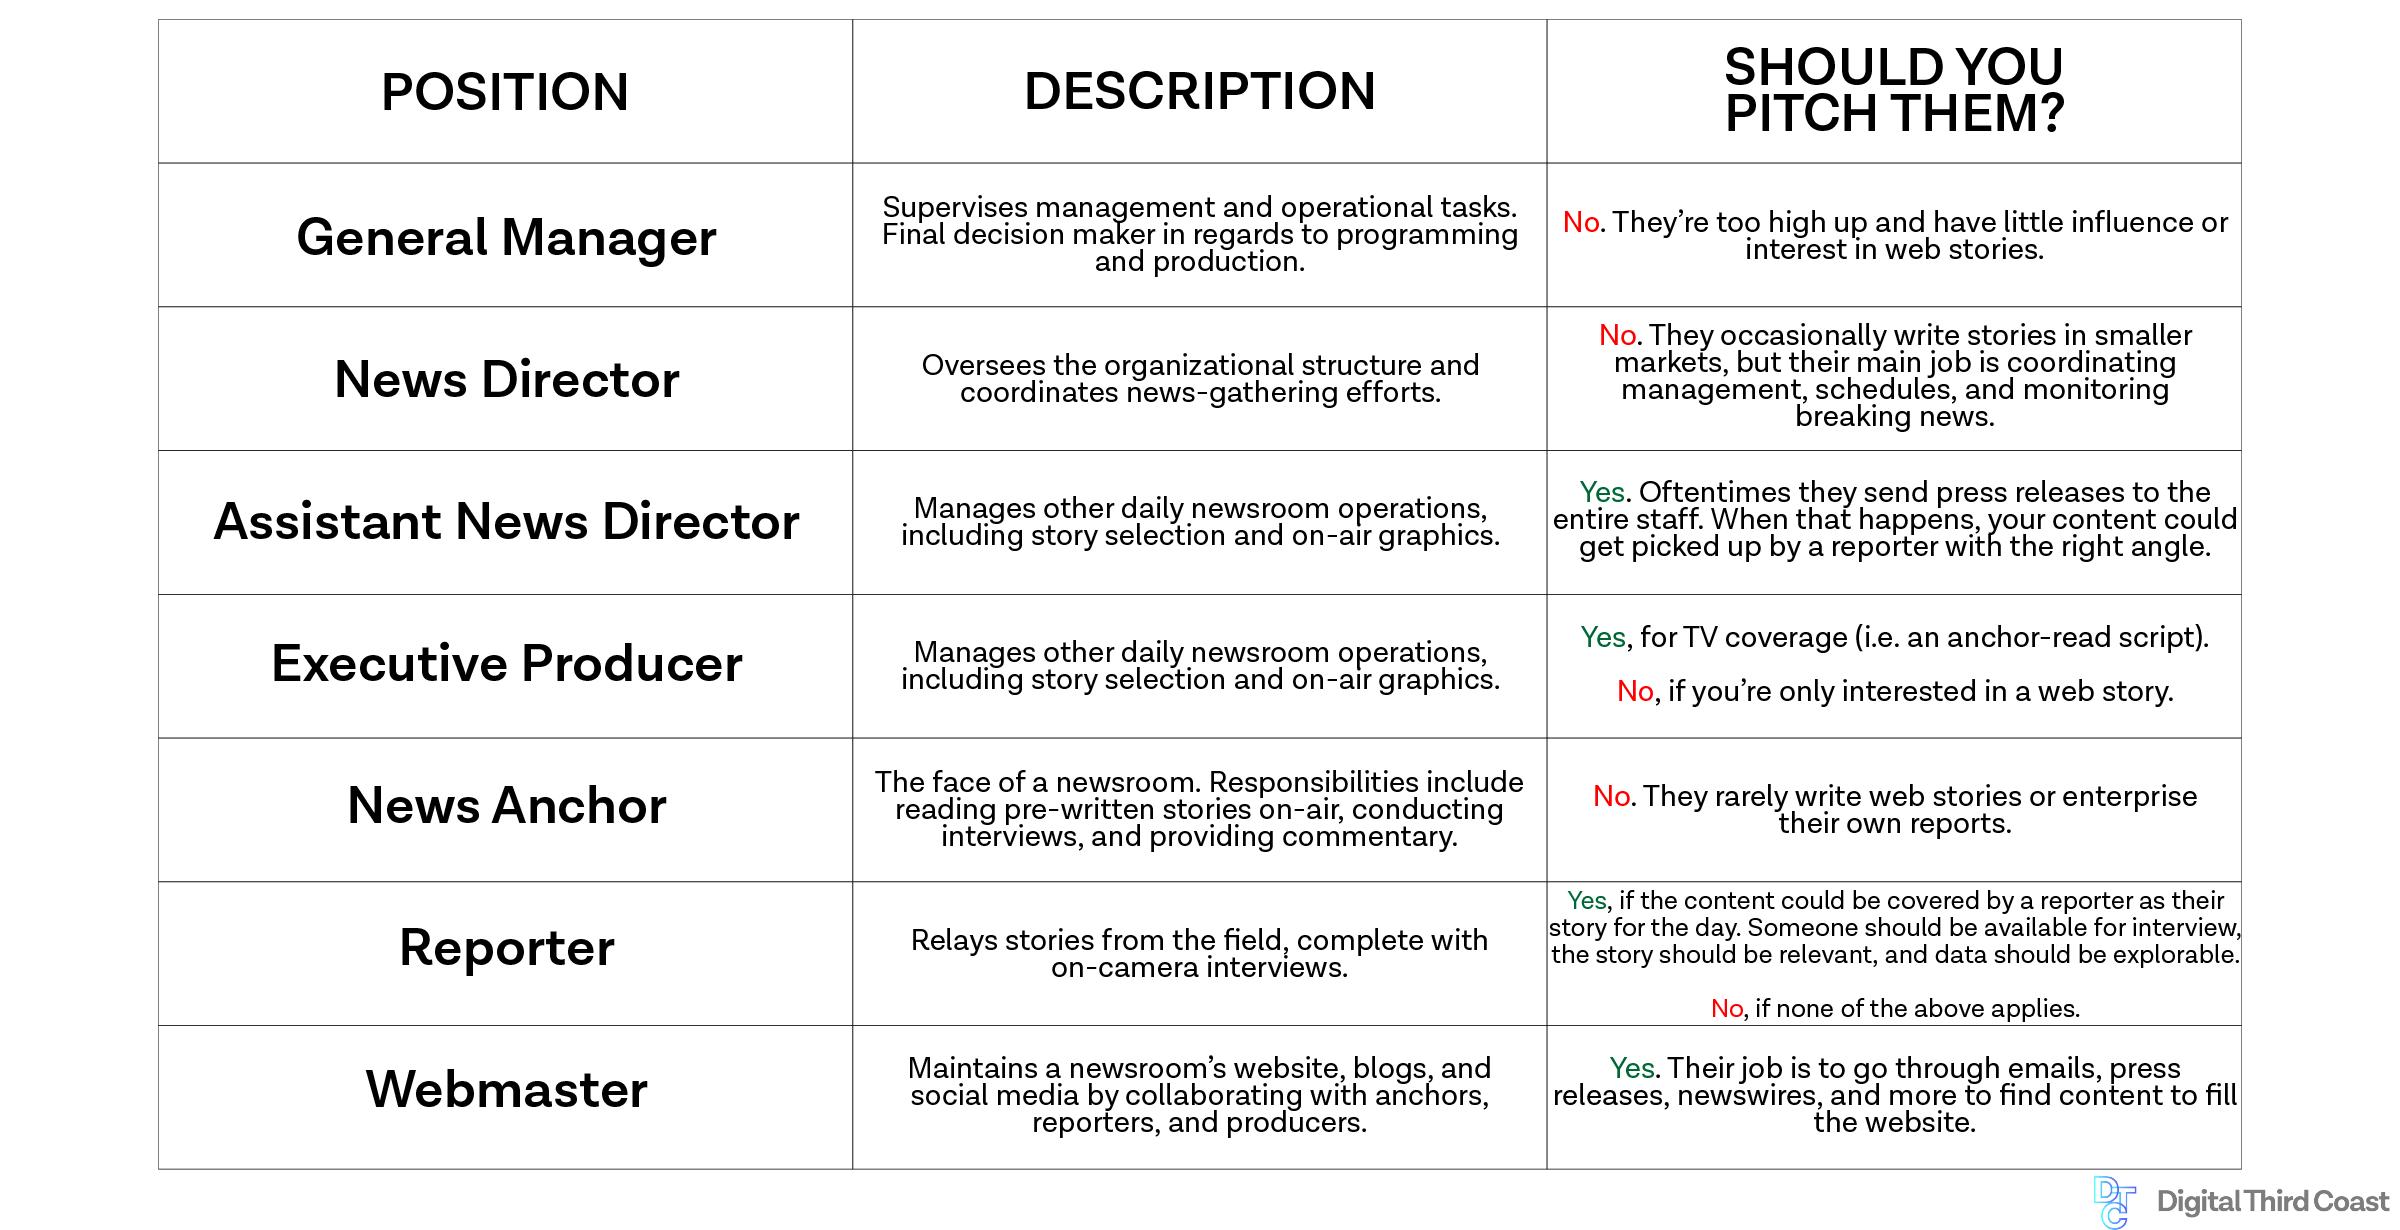 table describing newsroom titles and job descriptions.